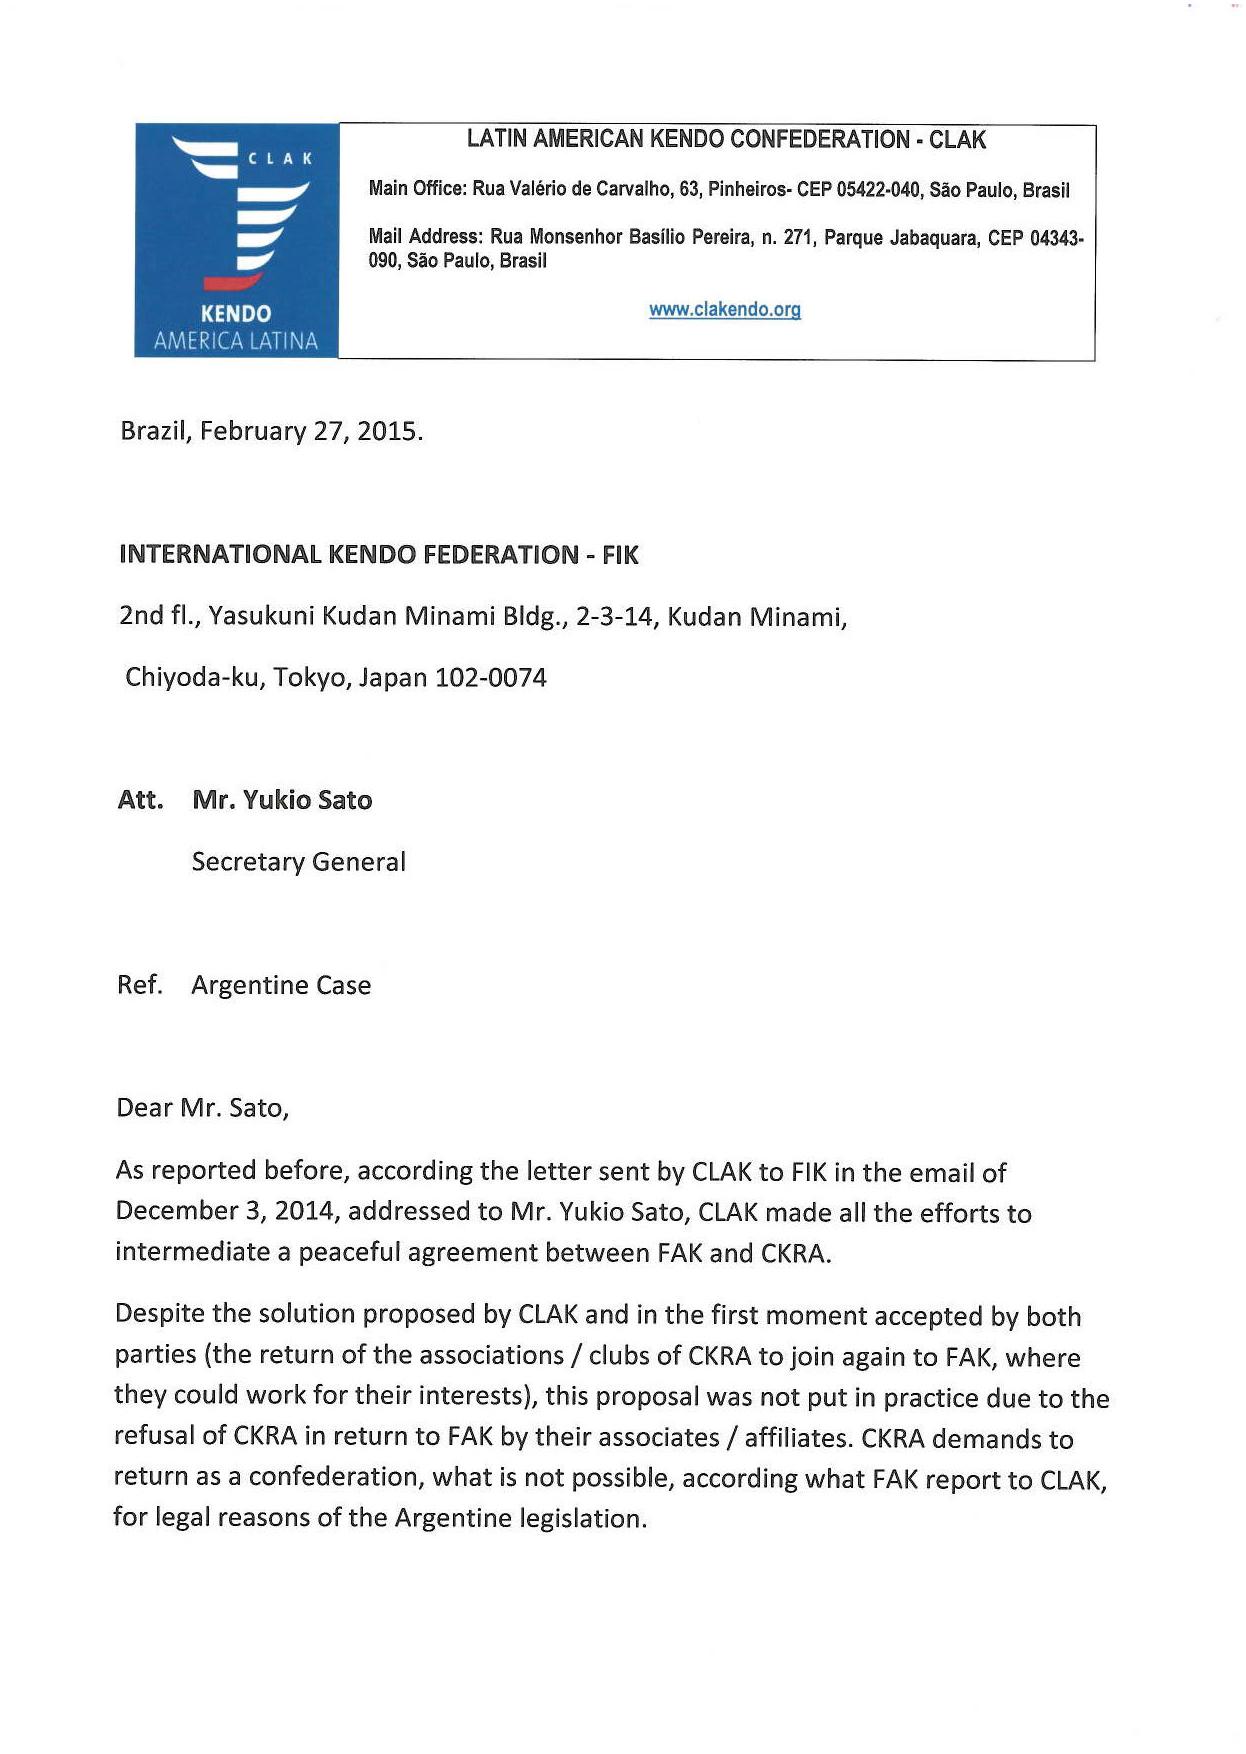 Carta de CLAK a FIK (Pag 01)